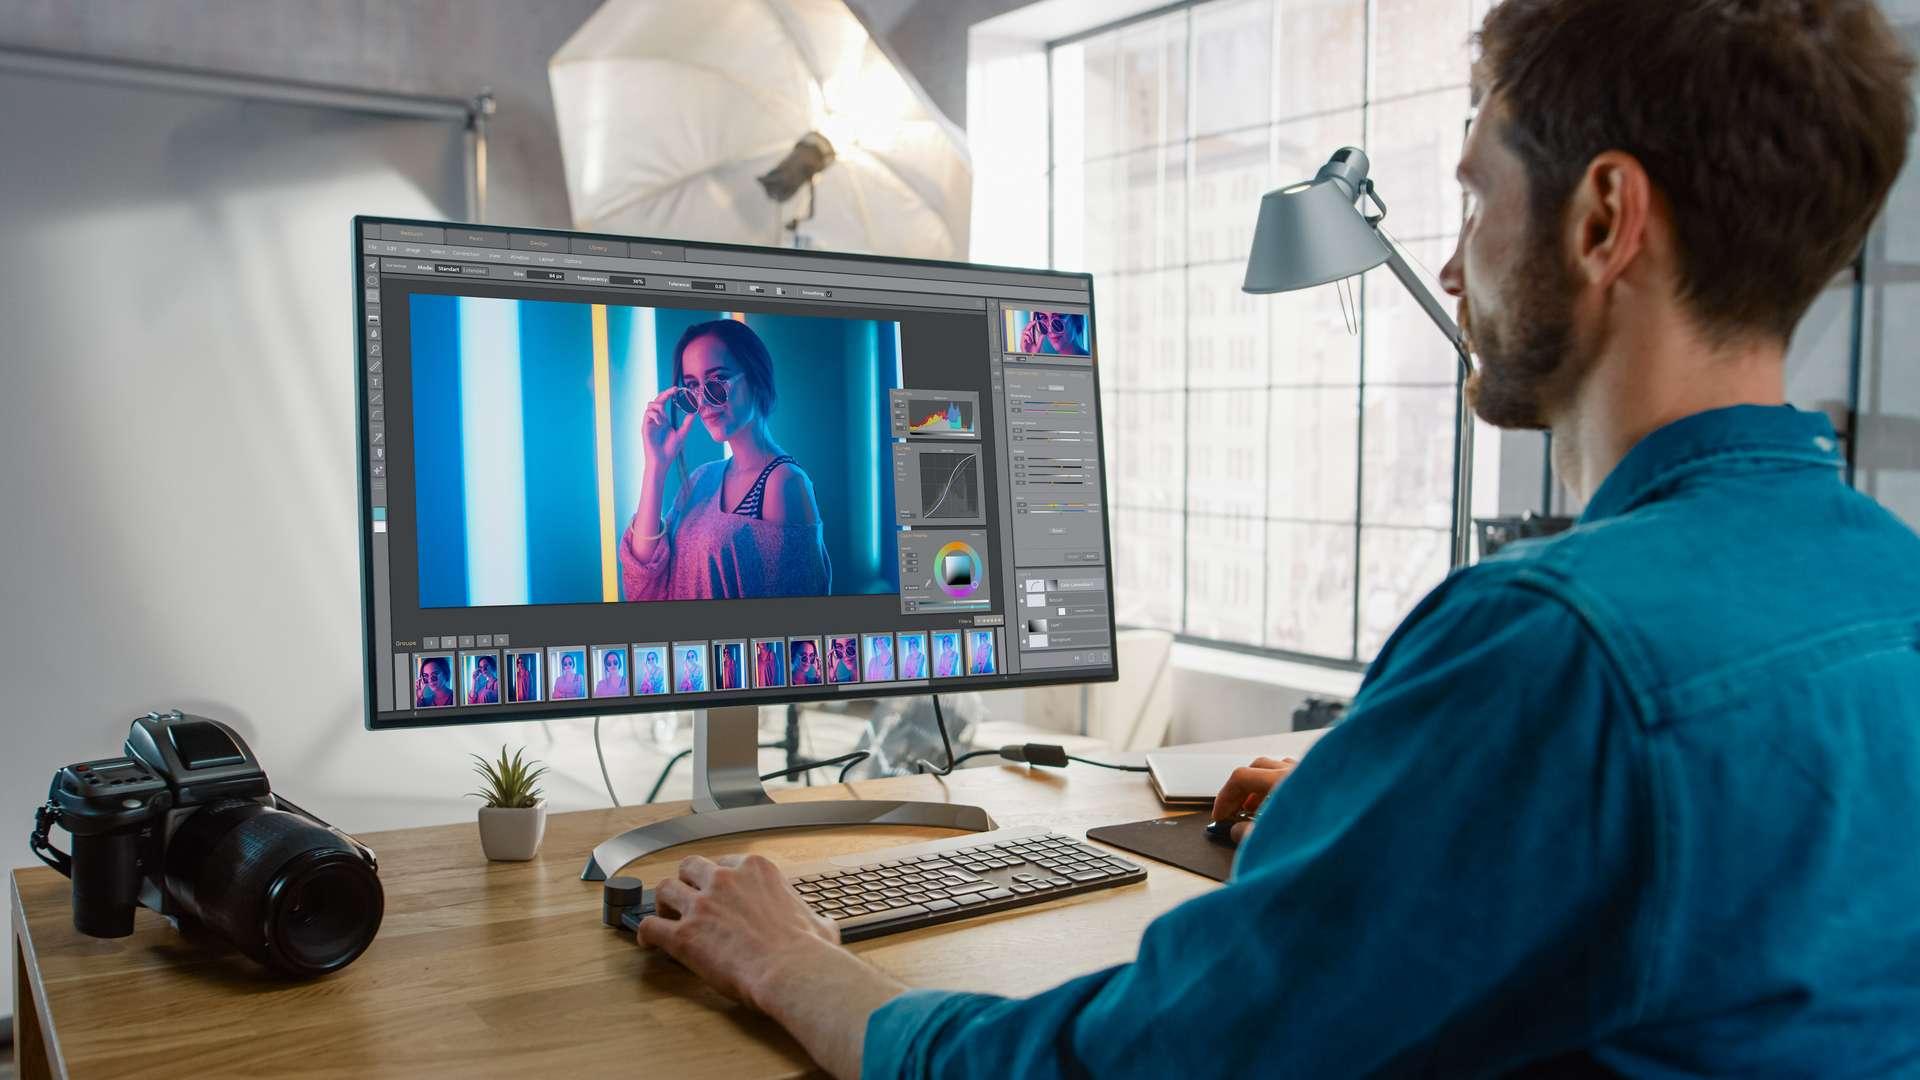 Profitez d'une réduction inédite allant jusqu'à -75% sur la formation Photoshop et débutez vos designs dès maintenant ! © Gorodenkoff, Adobe Stock